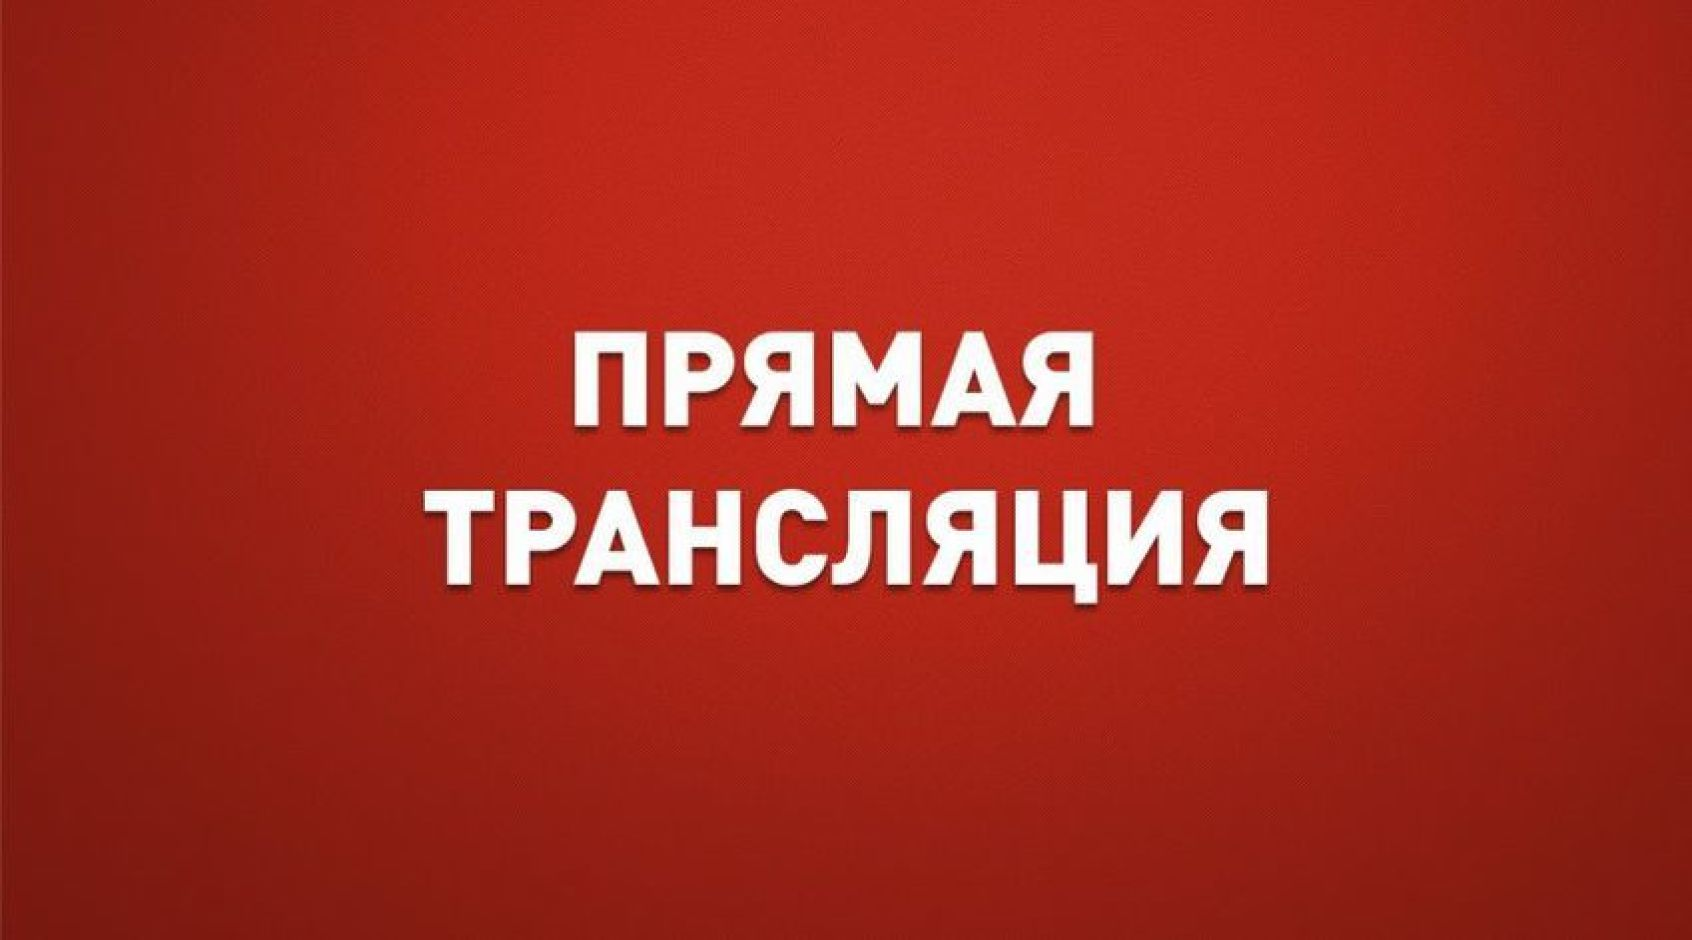 """Товариський матч. """"Полісся"""" - """"Волинь"""". Пряма трансляція"""